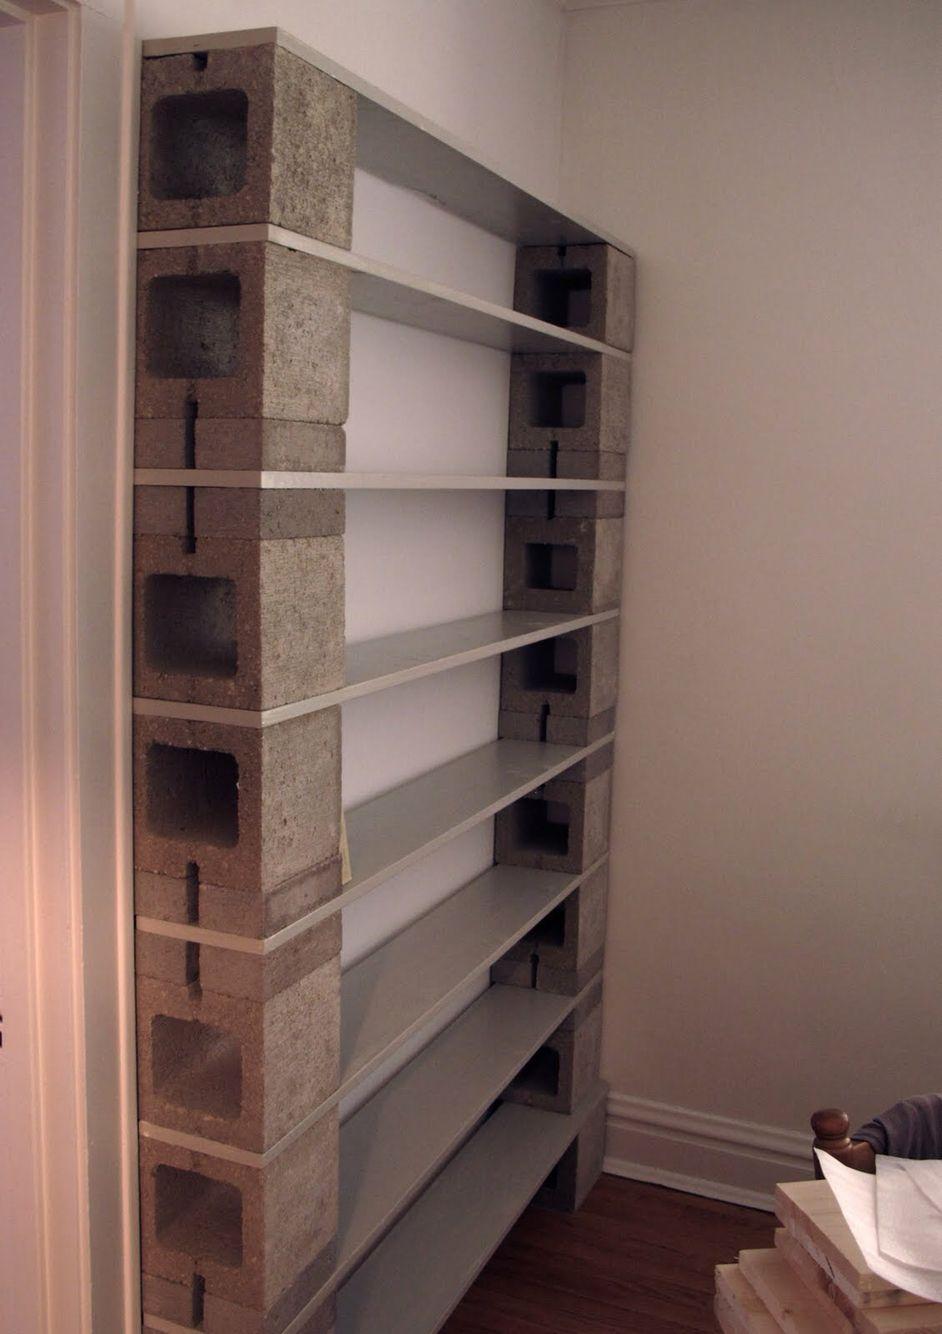 Cinder Block Bookcase Cinder Block Shelves Cinder Block